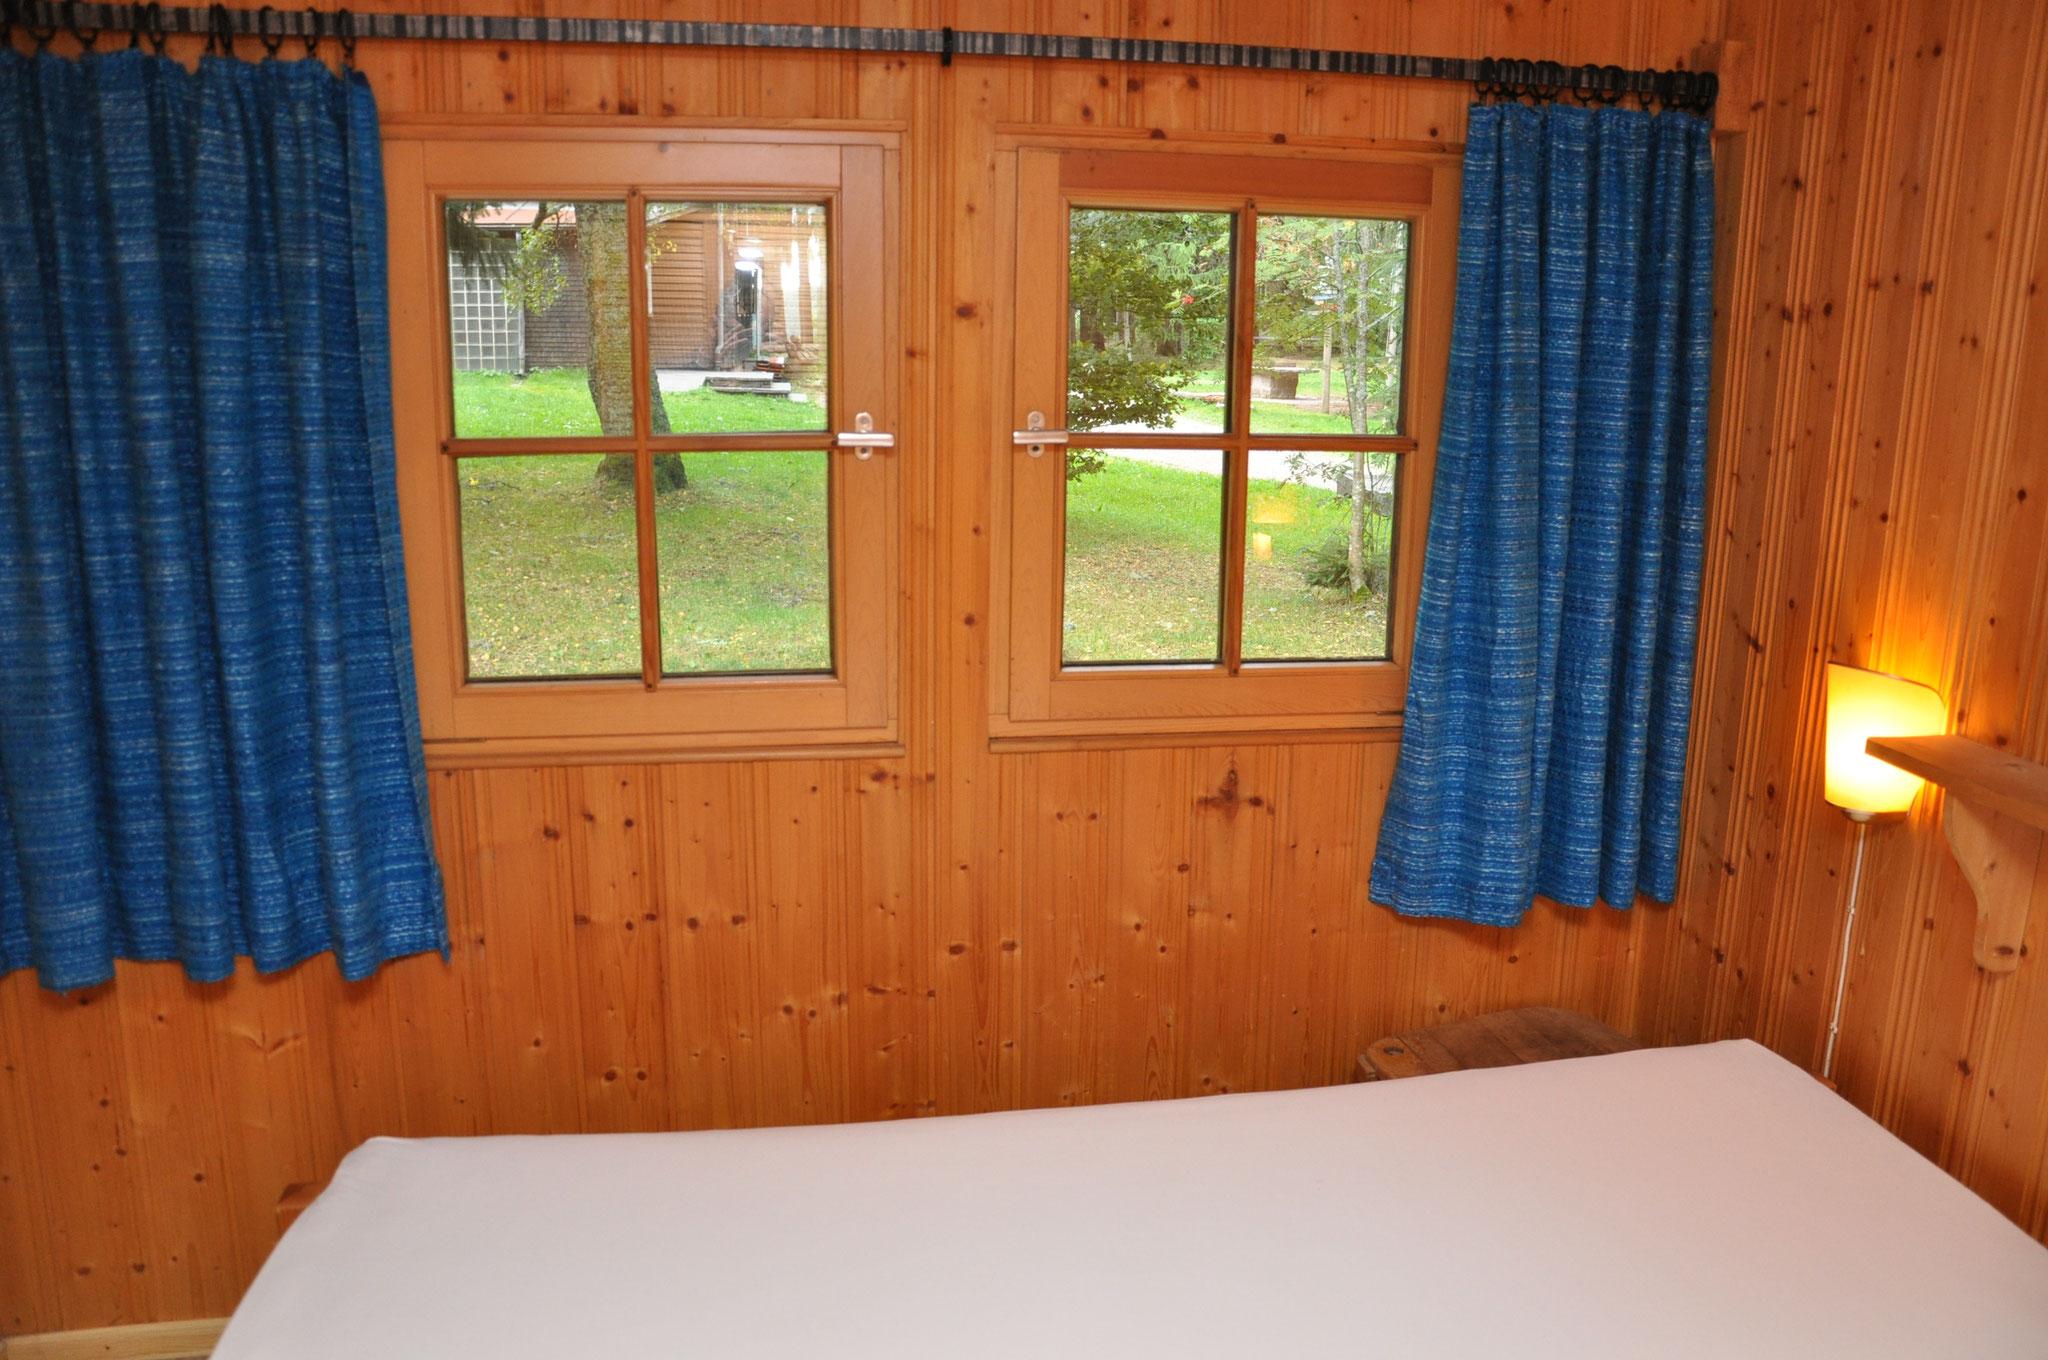 gleiche Schlafraum-Fensteransicht-